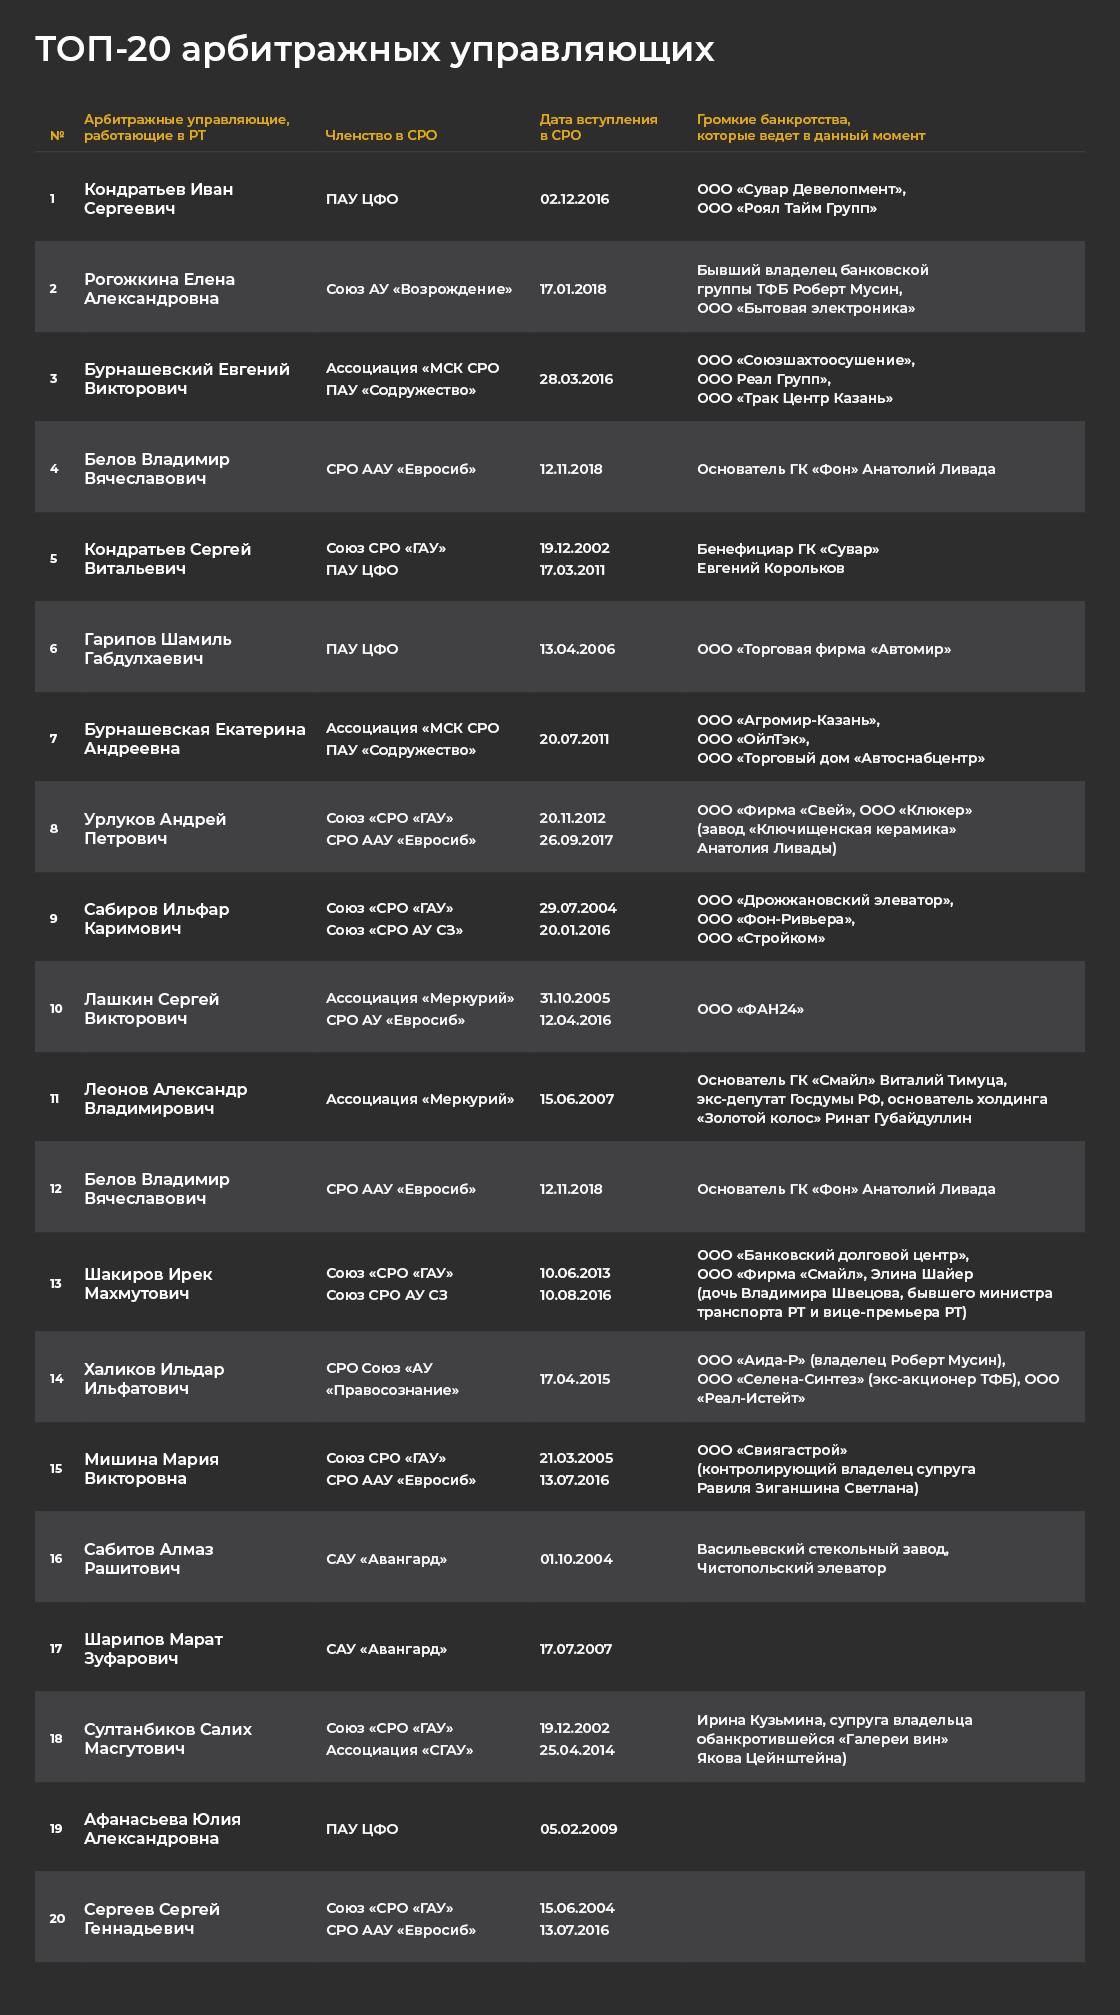 Повелители «мертвых»: топ-20 арбитражных управляющих Татарстана